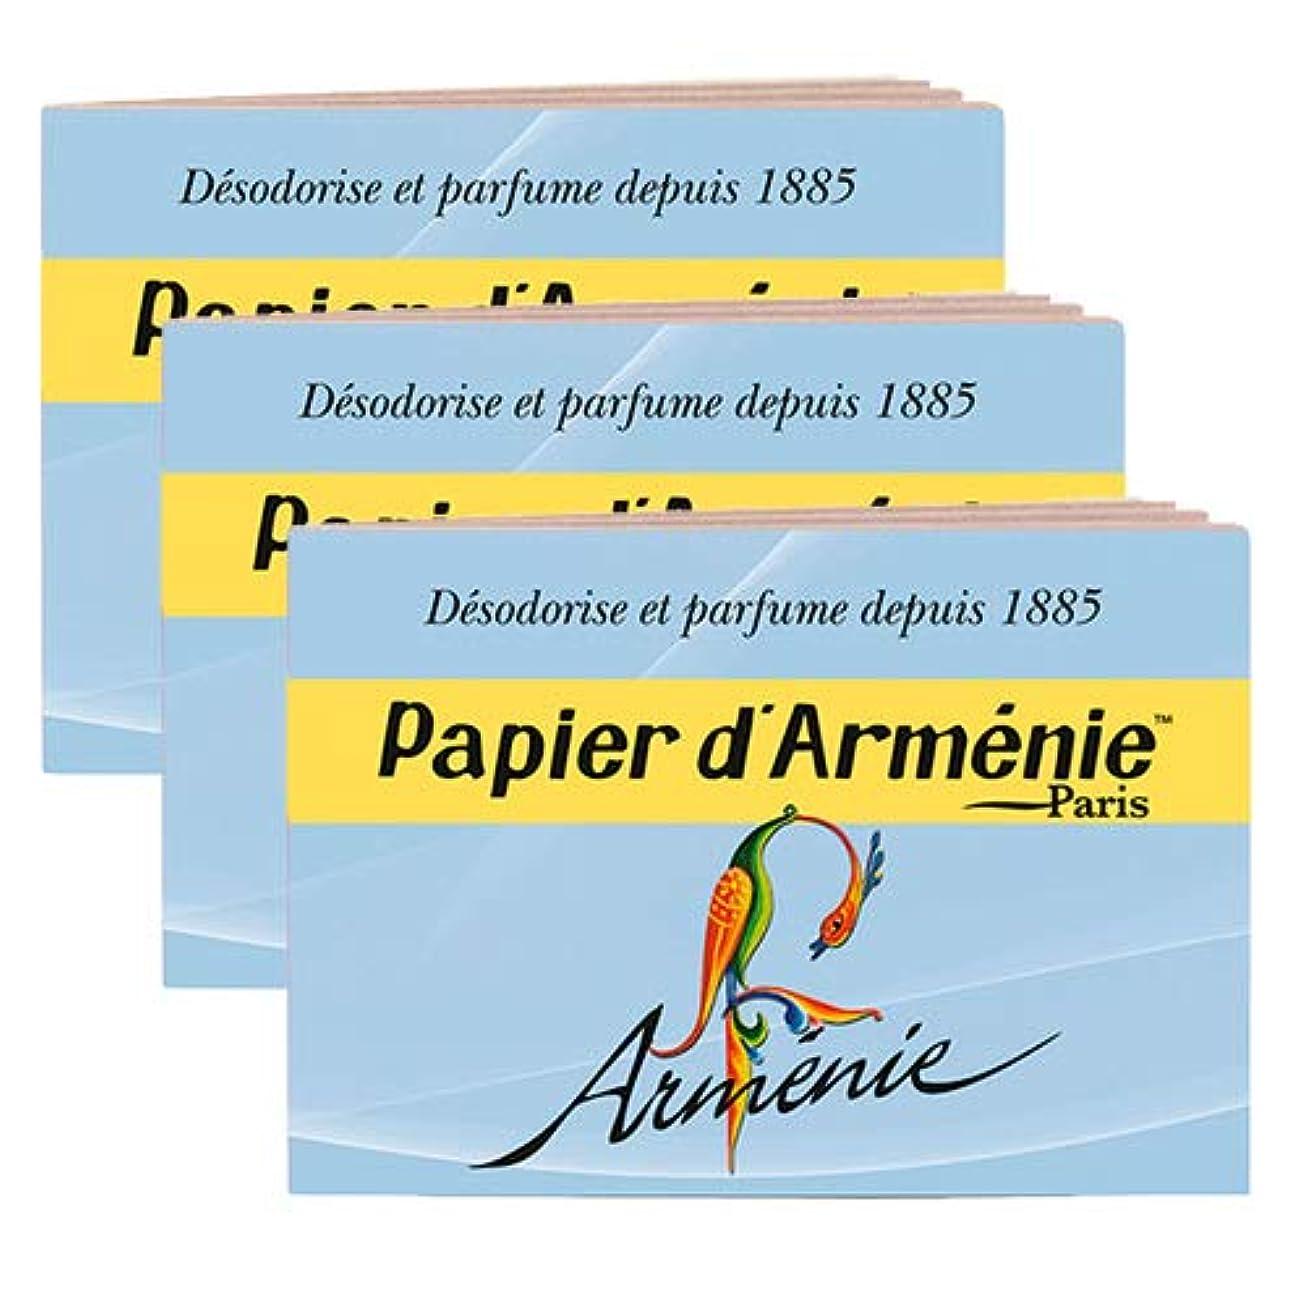 忠誠無しシェア【パピエダルメニイ】トリプル 3×12枚(36回分) 3個セット アルメニイ 紙のお香 インセンス アロマペーパー PAPIER D'ARMENIE [並行輸入品]